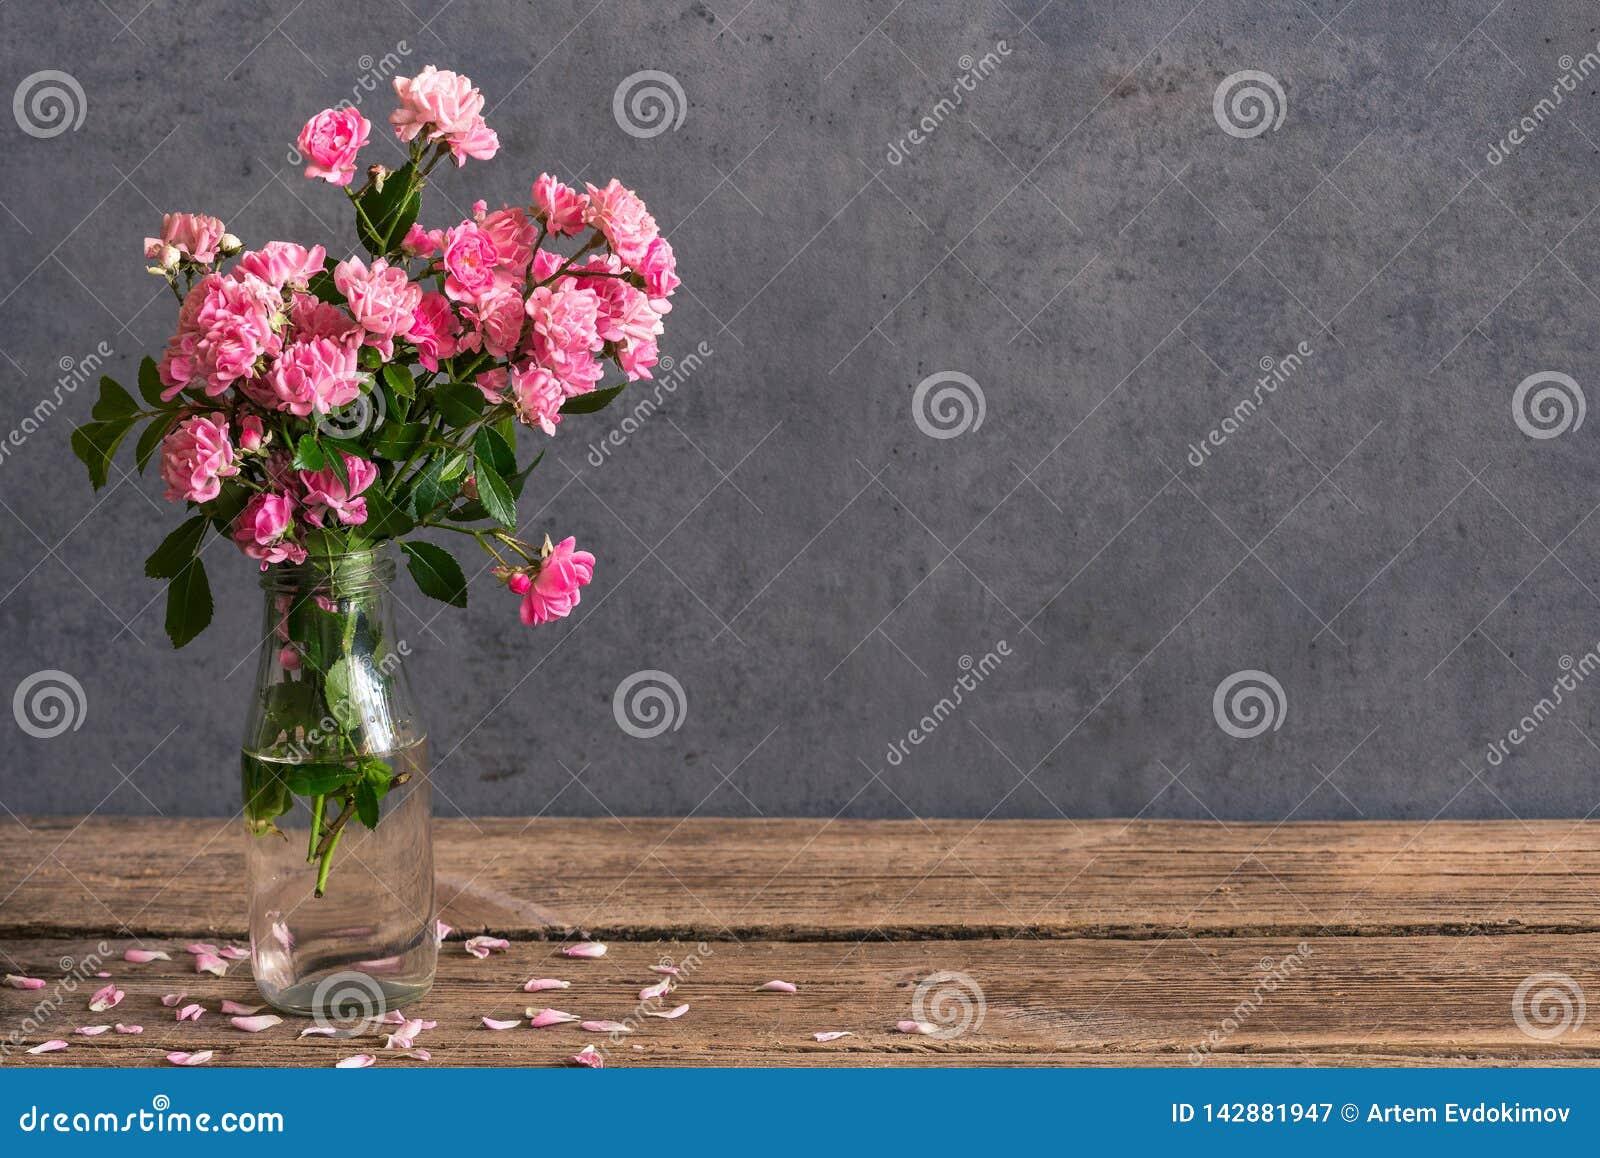 Stilleven met een mooi boeket van roze rozenbloemen vakantie of huwelijksachtergrond